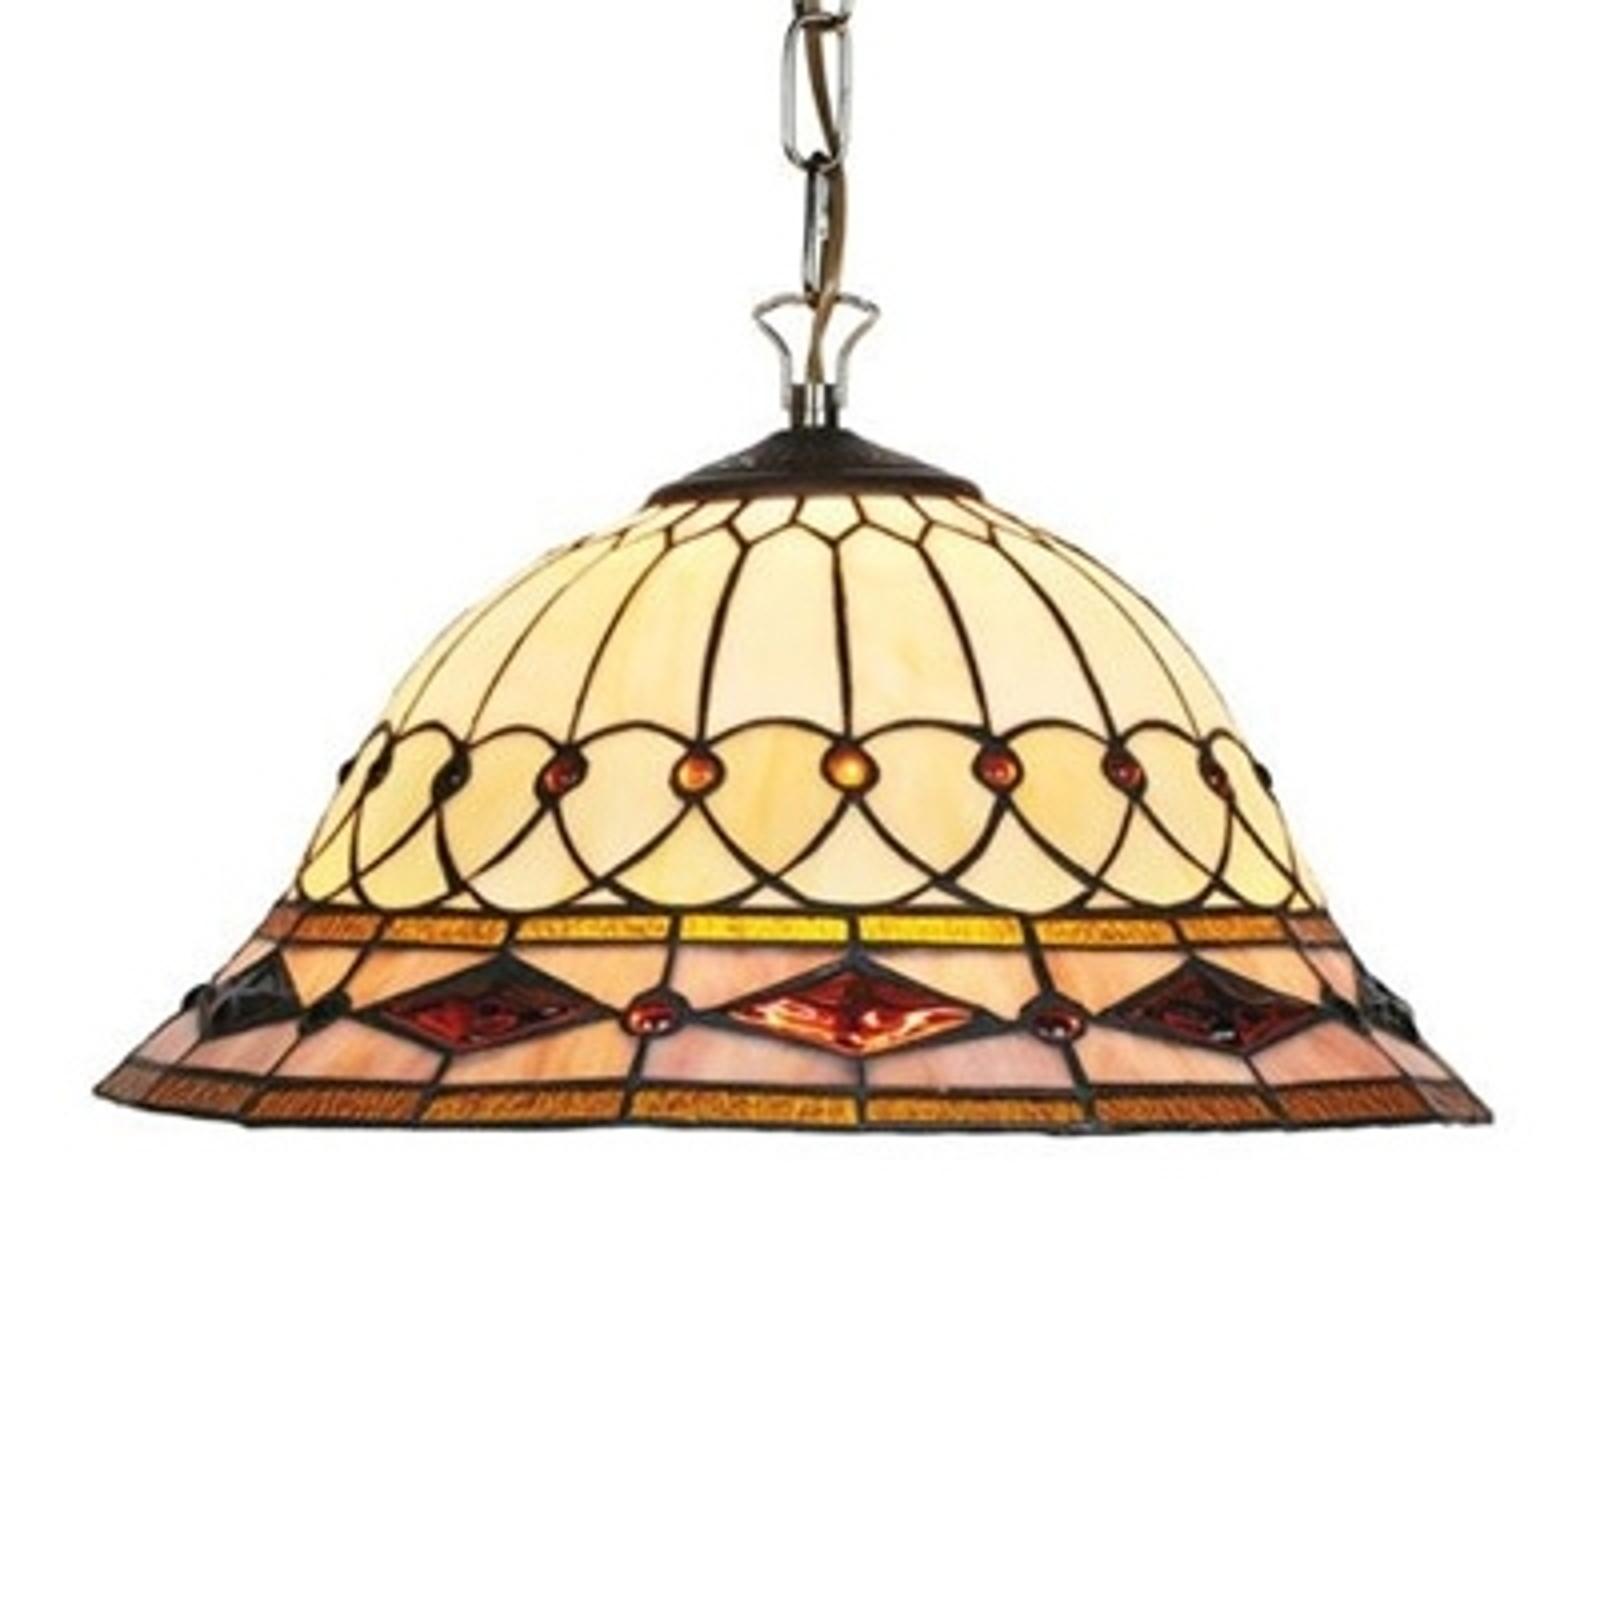 Závesná lampa Kassandra v štýle Tiffany, 1xE27_1032112_1